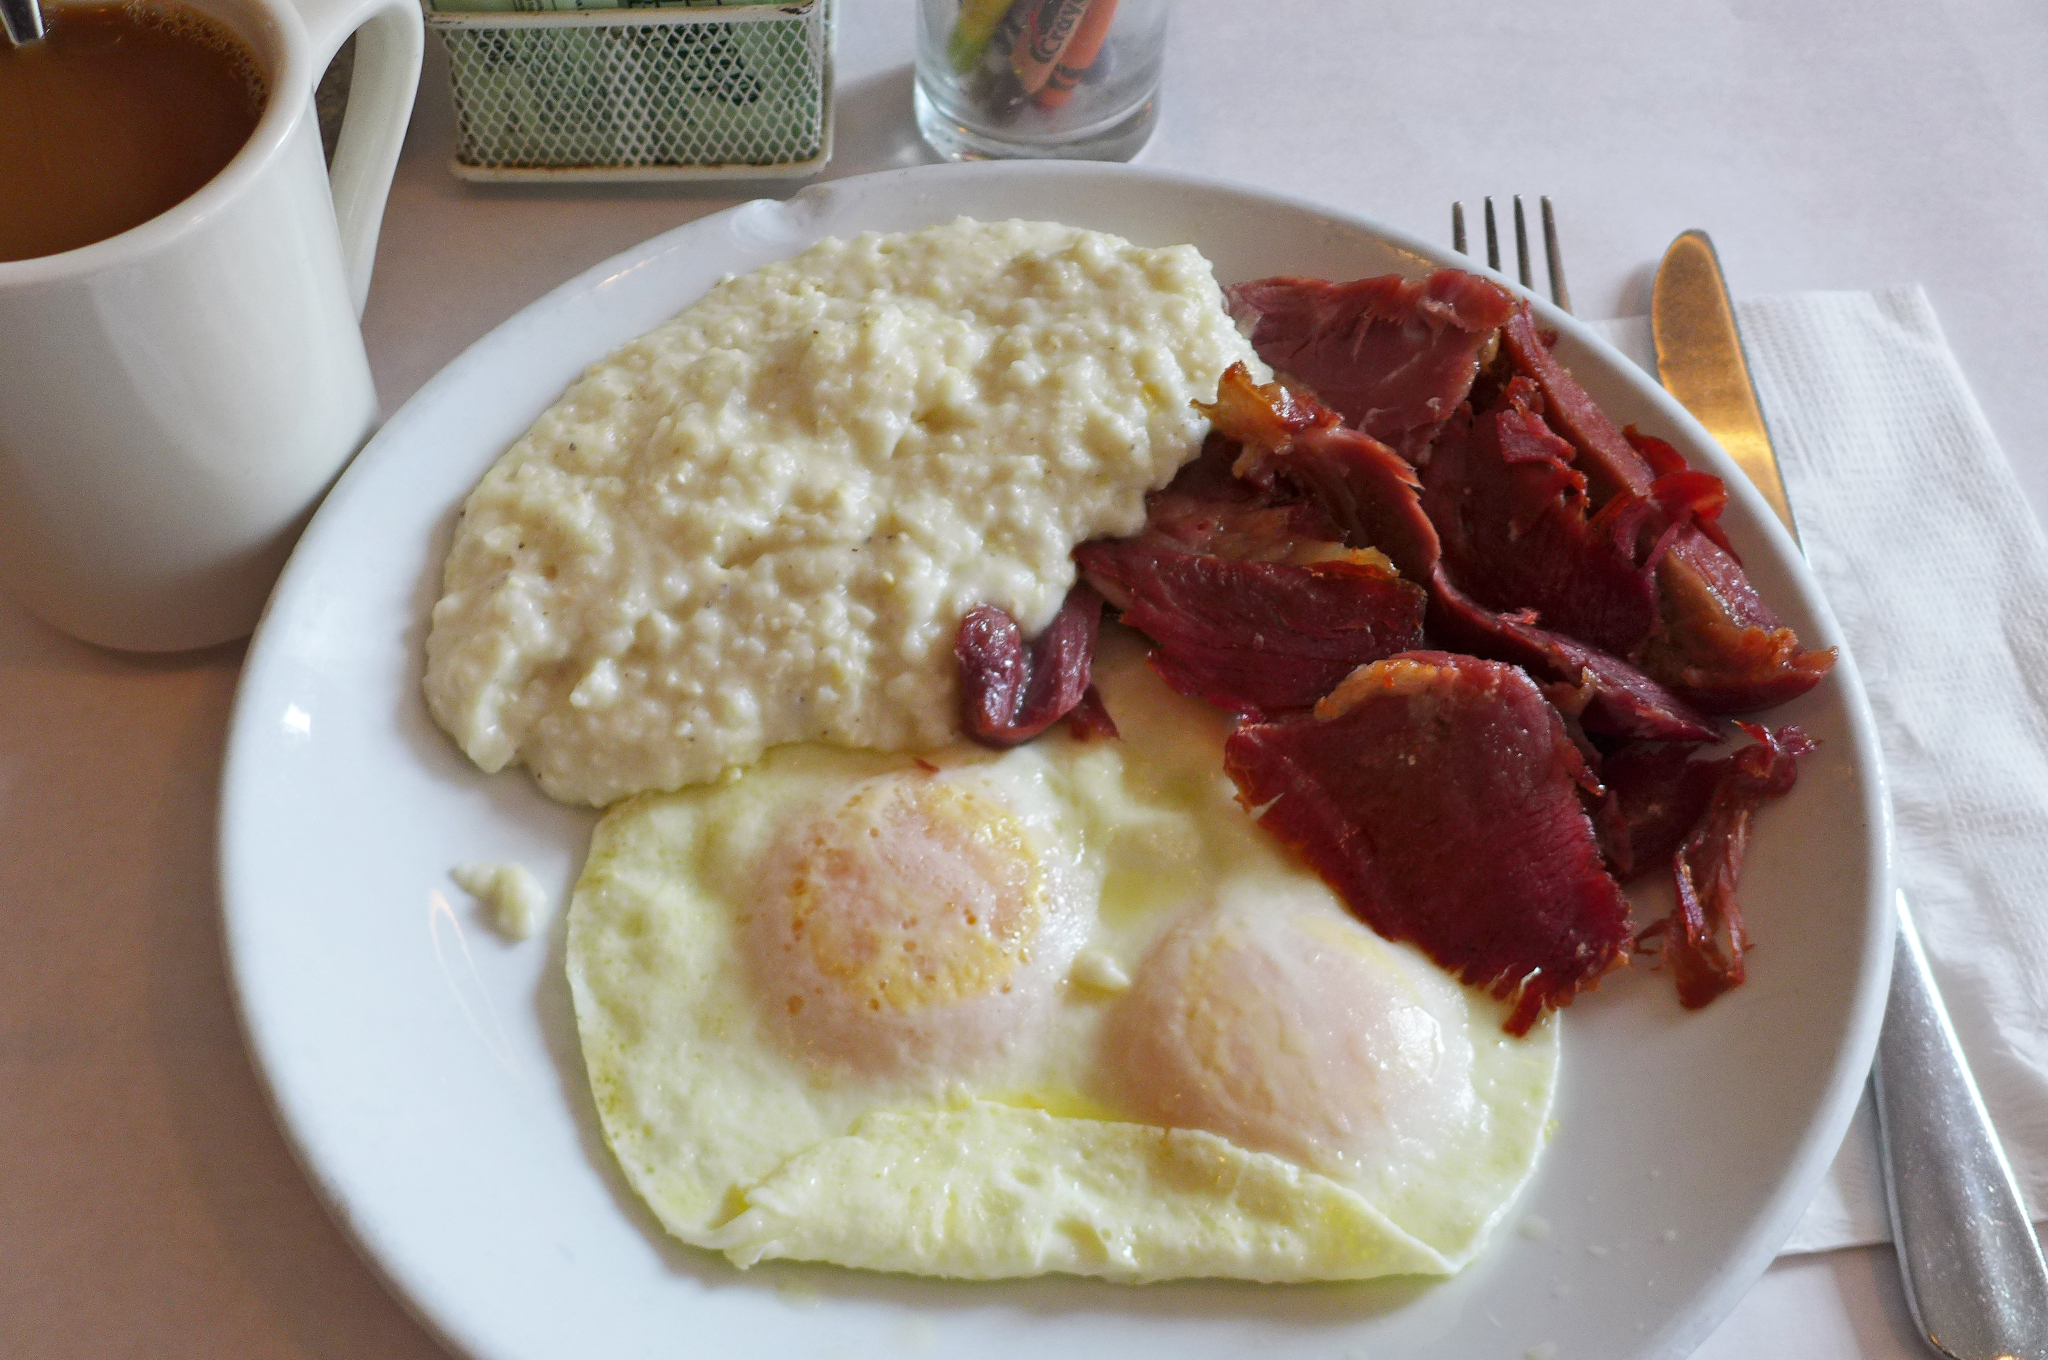 Critic Robert Sietsema's Top 5 Egg Dishes Around NYC